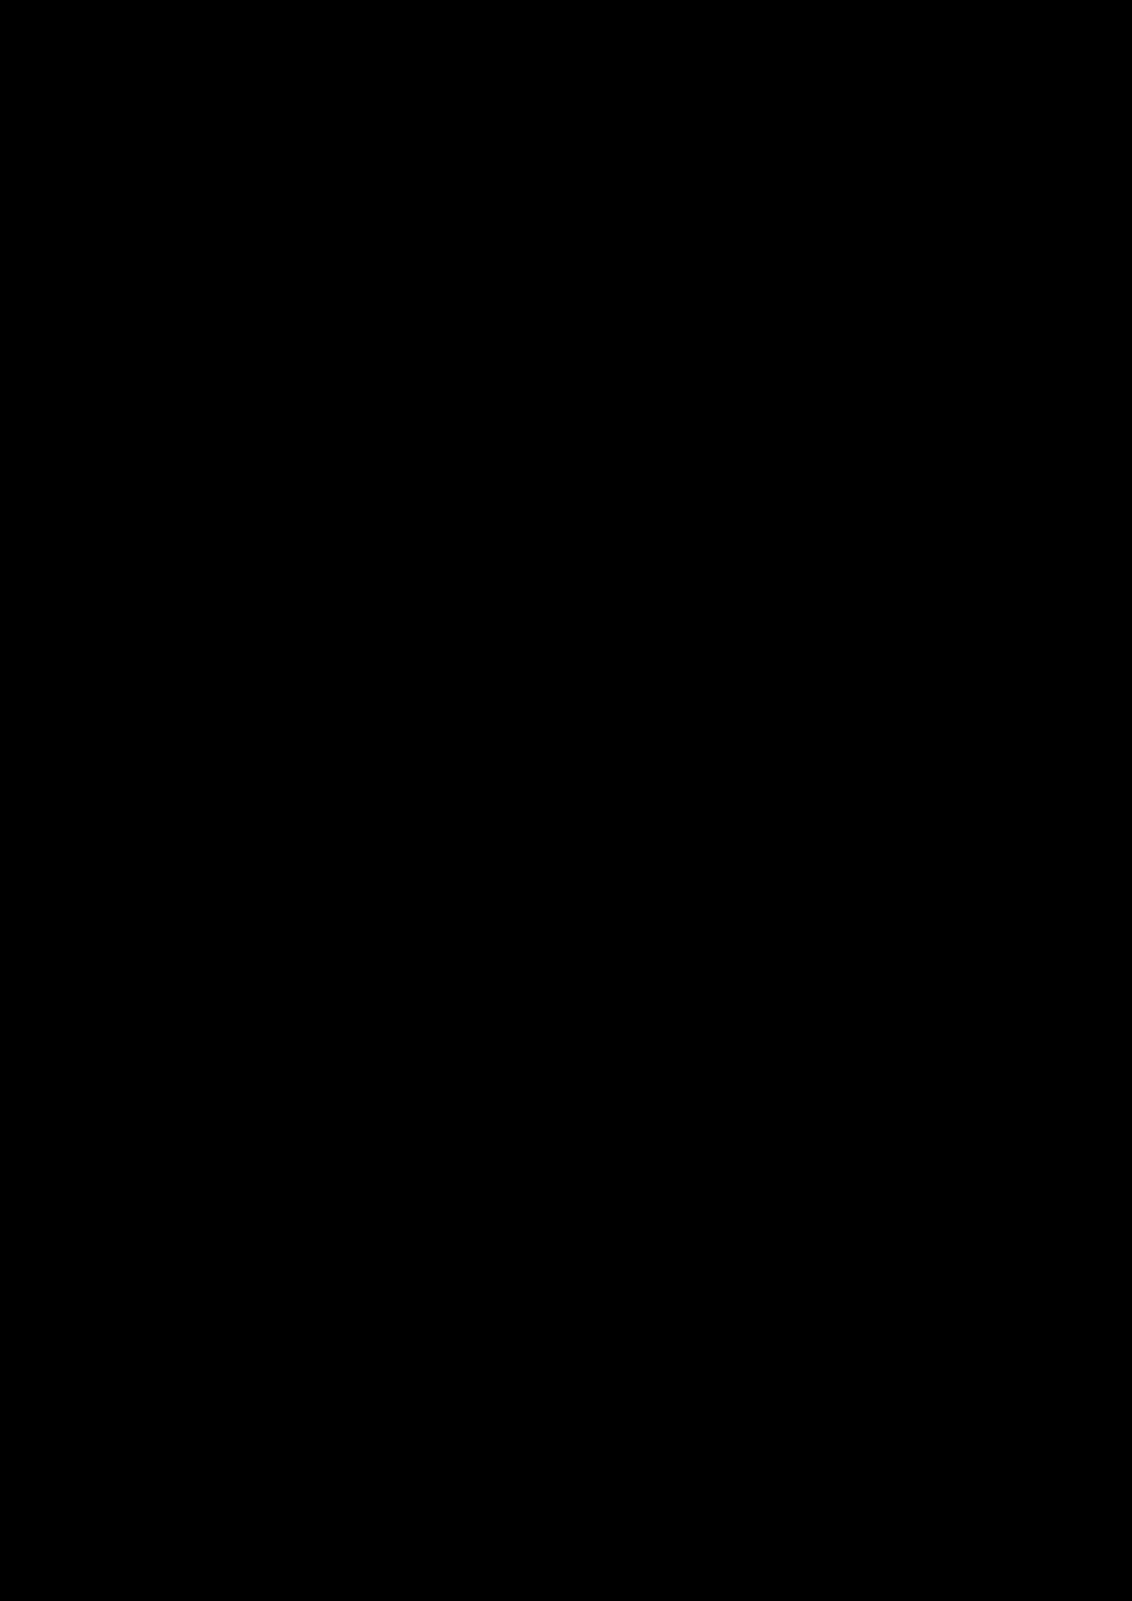 Zagadka volshebnoy stranyi slide, Image 33